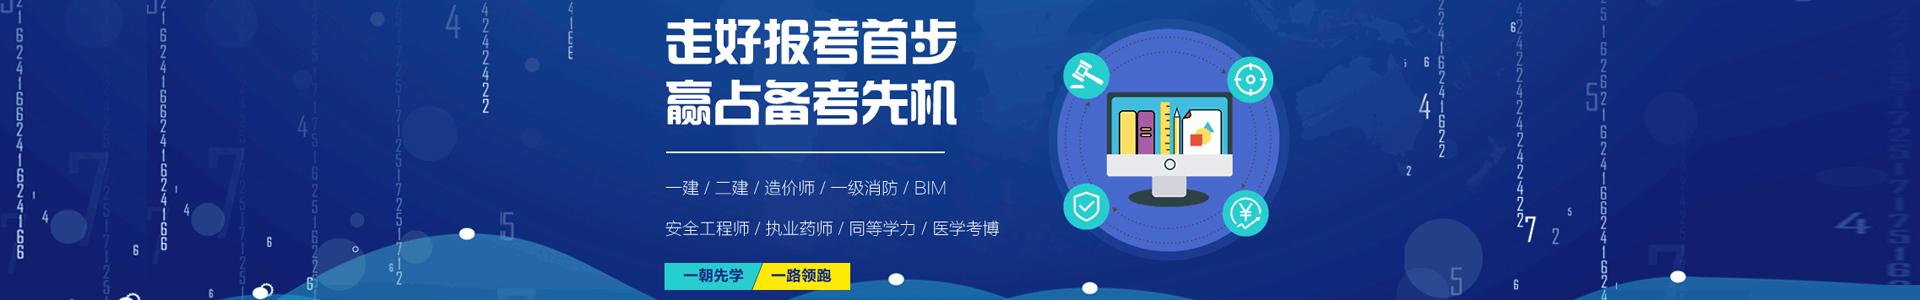 上海优路消防工程师培训学校